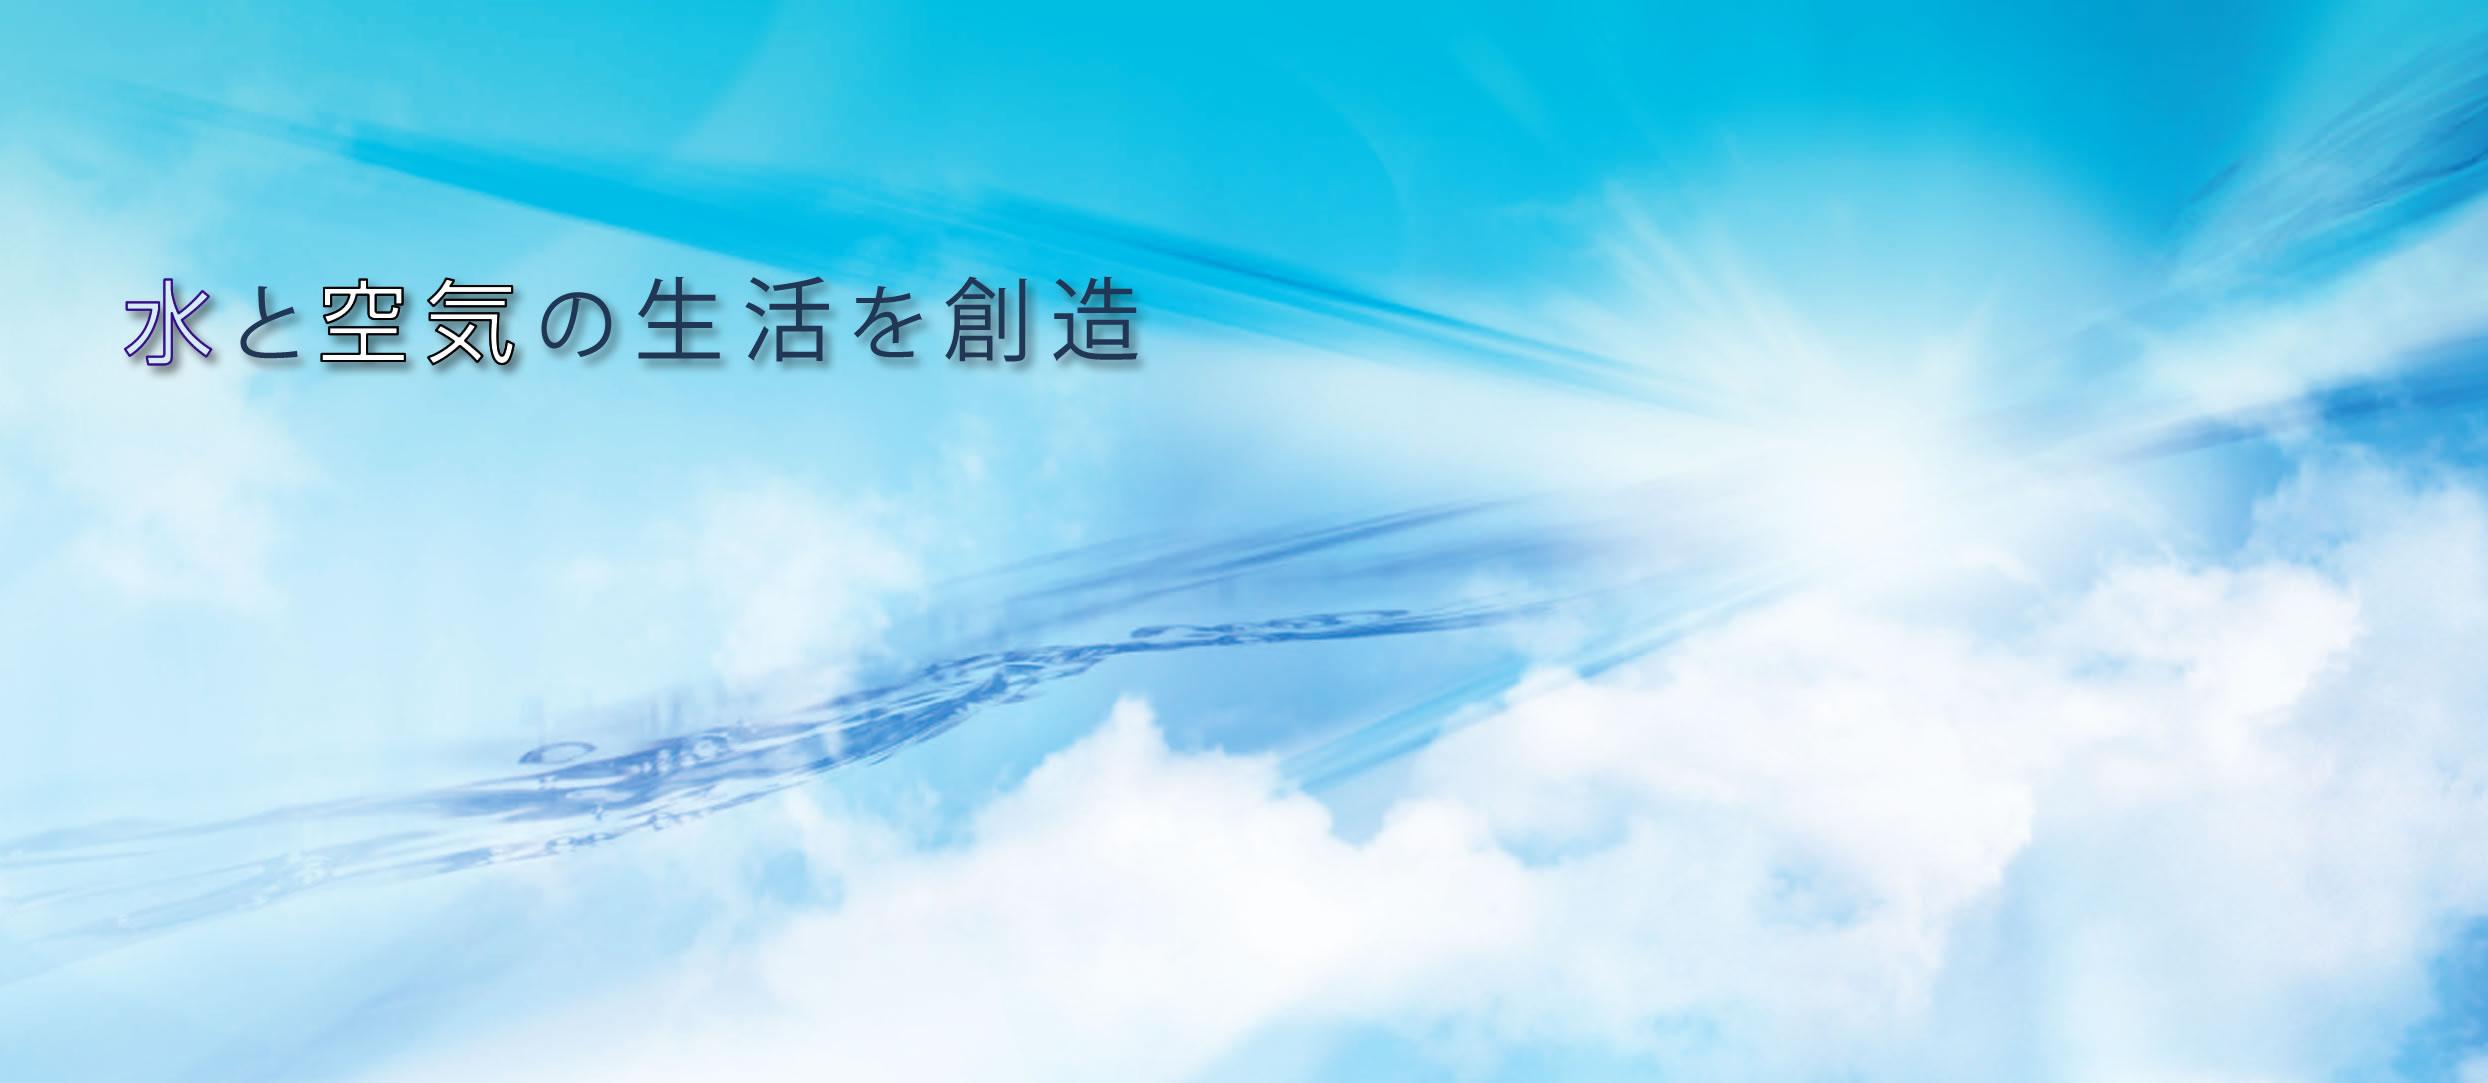 水と空気の生活を創造